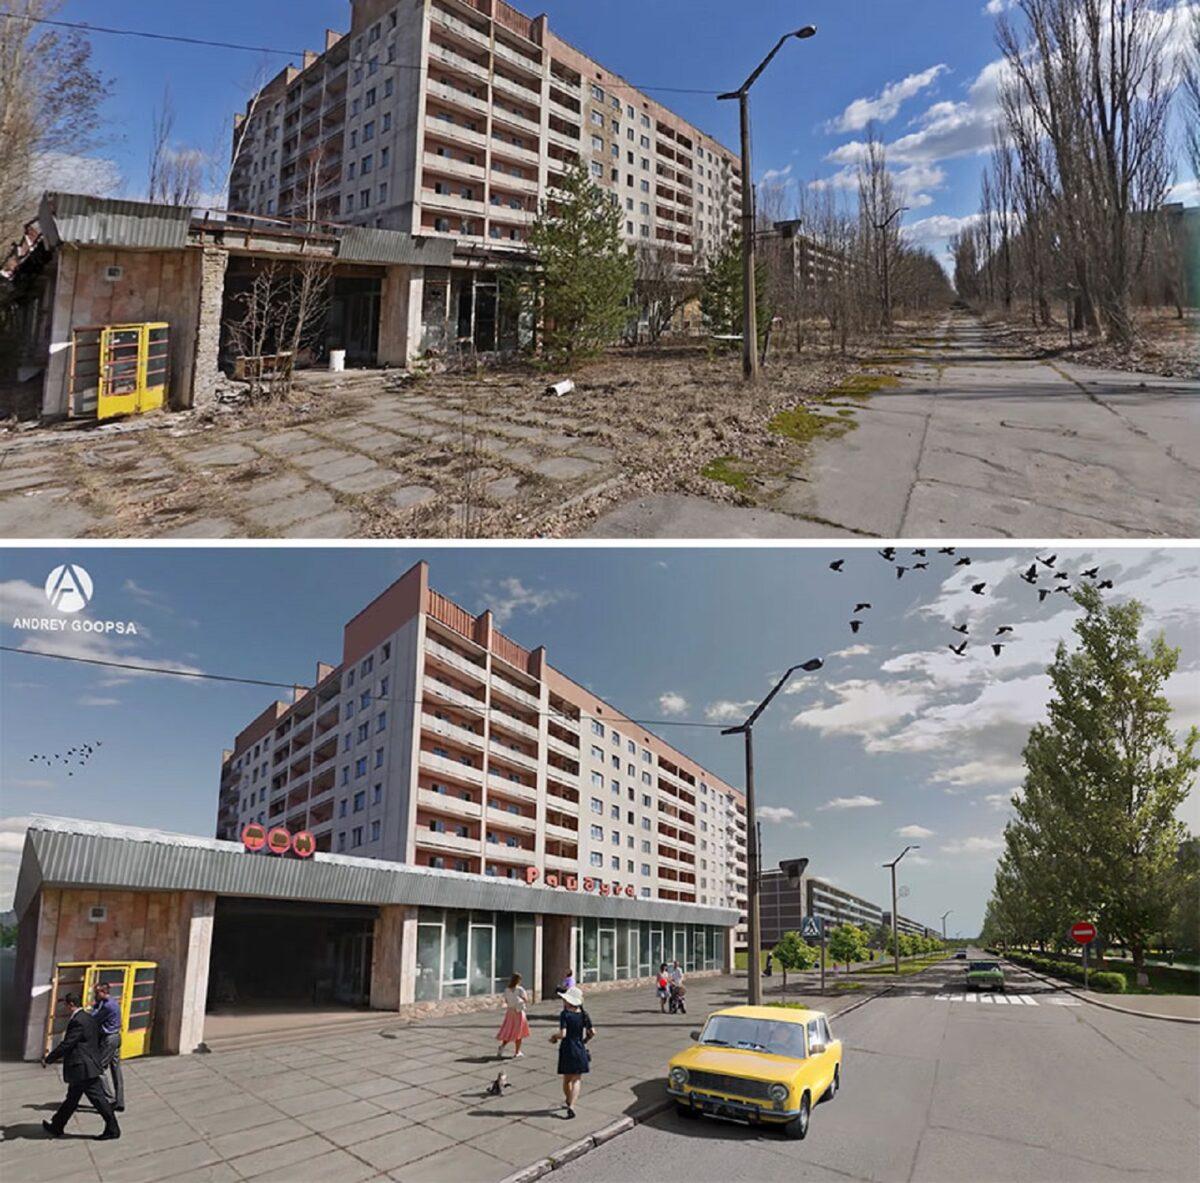 Andrey Goopsa artista mostra com antes e depois como paises pos sovieticos deveriam ser hoje 10